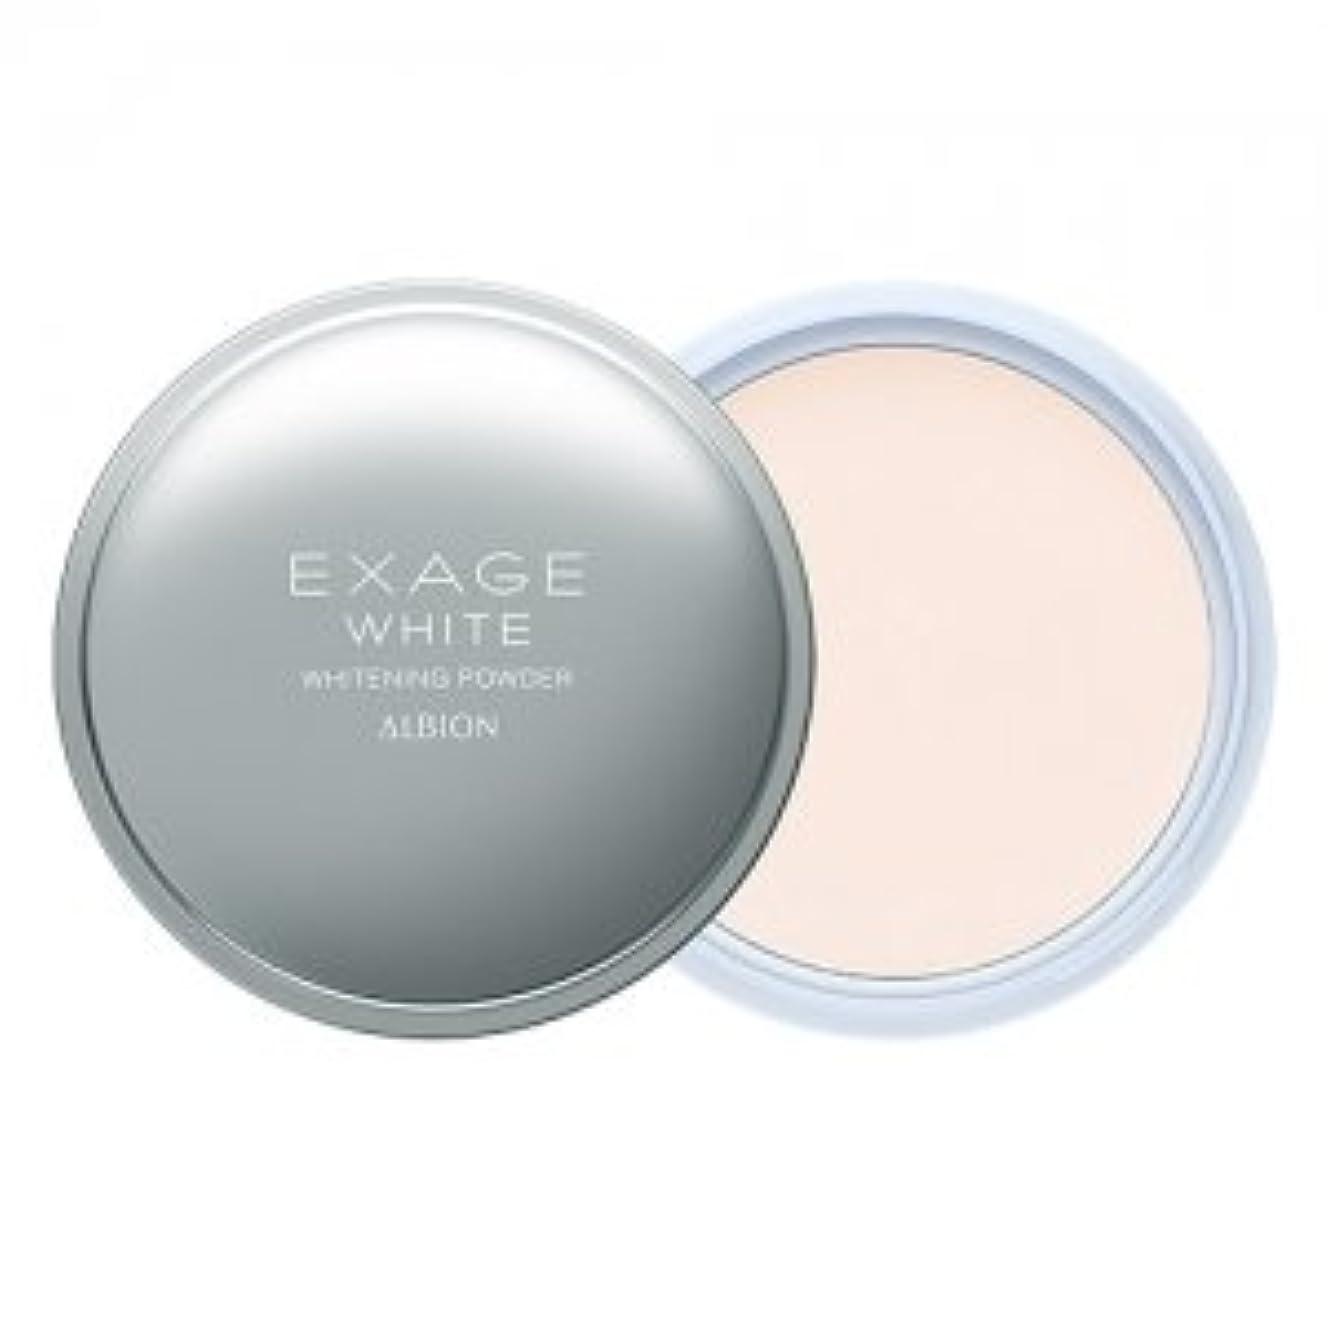 リスナー認識自明ALBION (アルビオン) EXAGE WHITE エクサージュホワイト ホワイトニング パウダー 18g